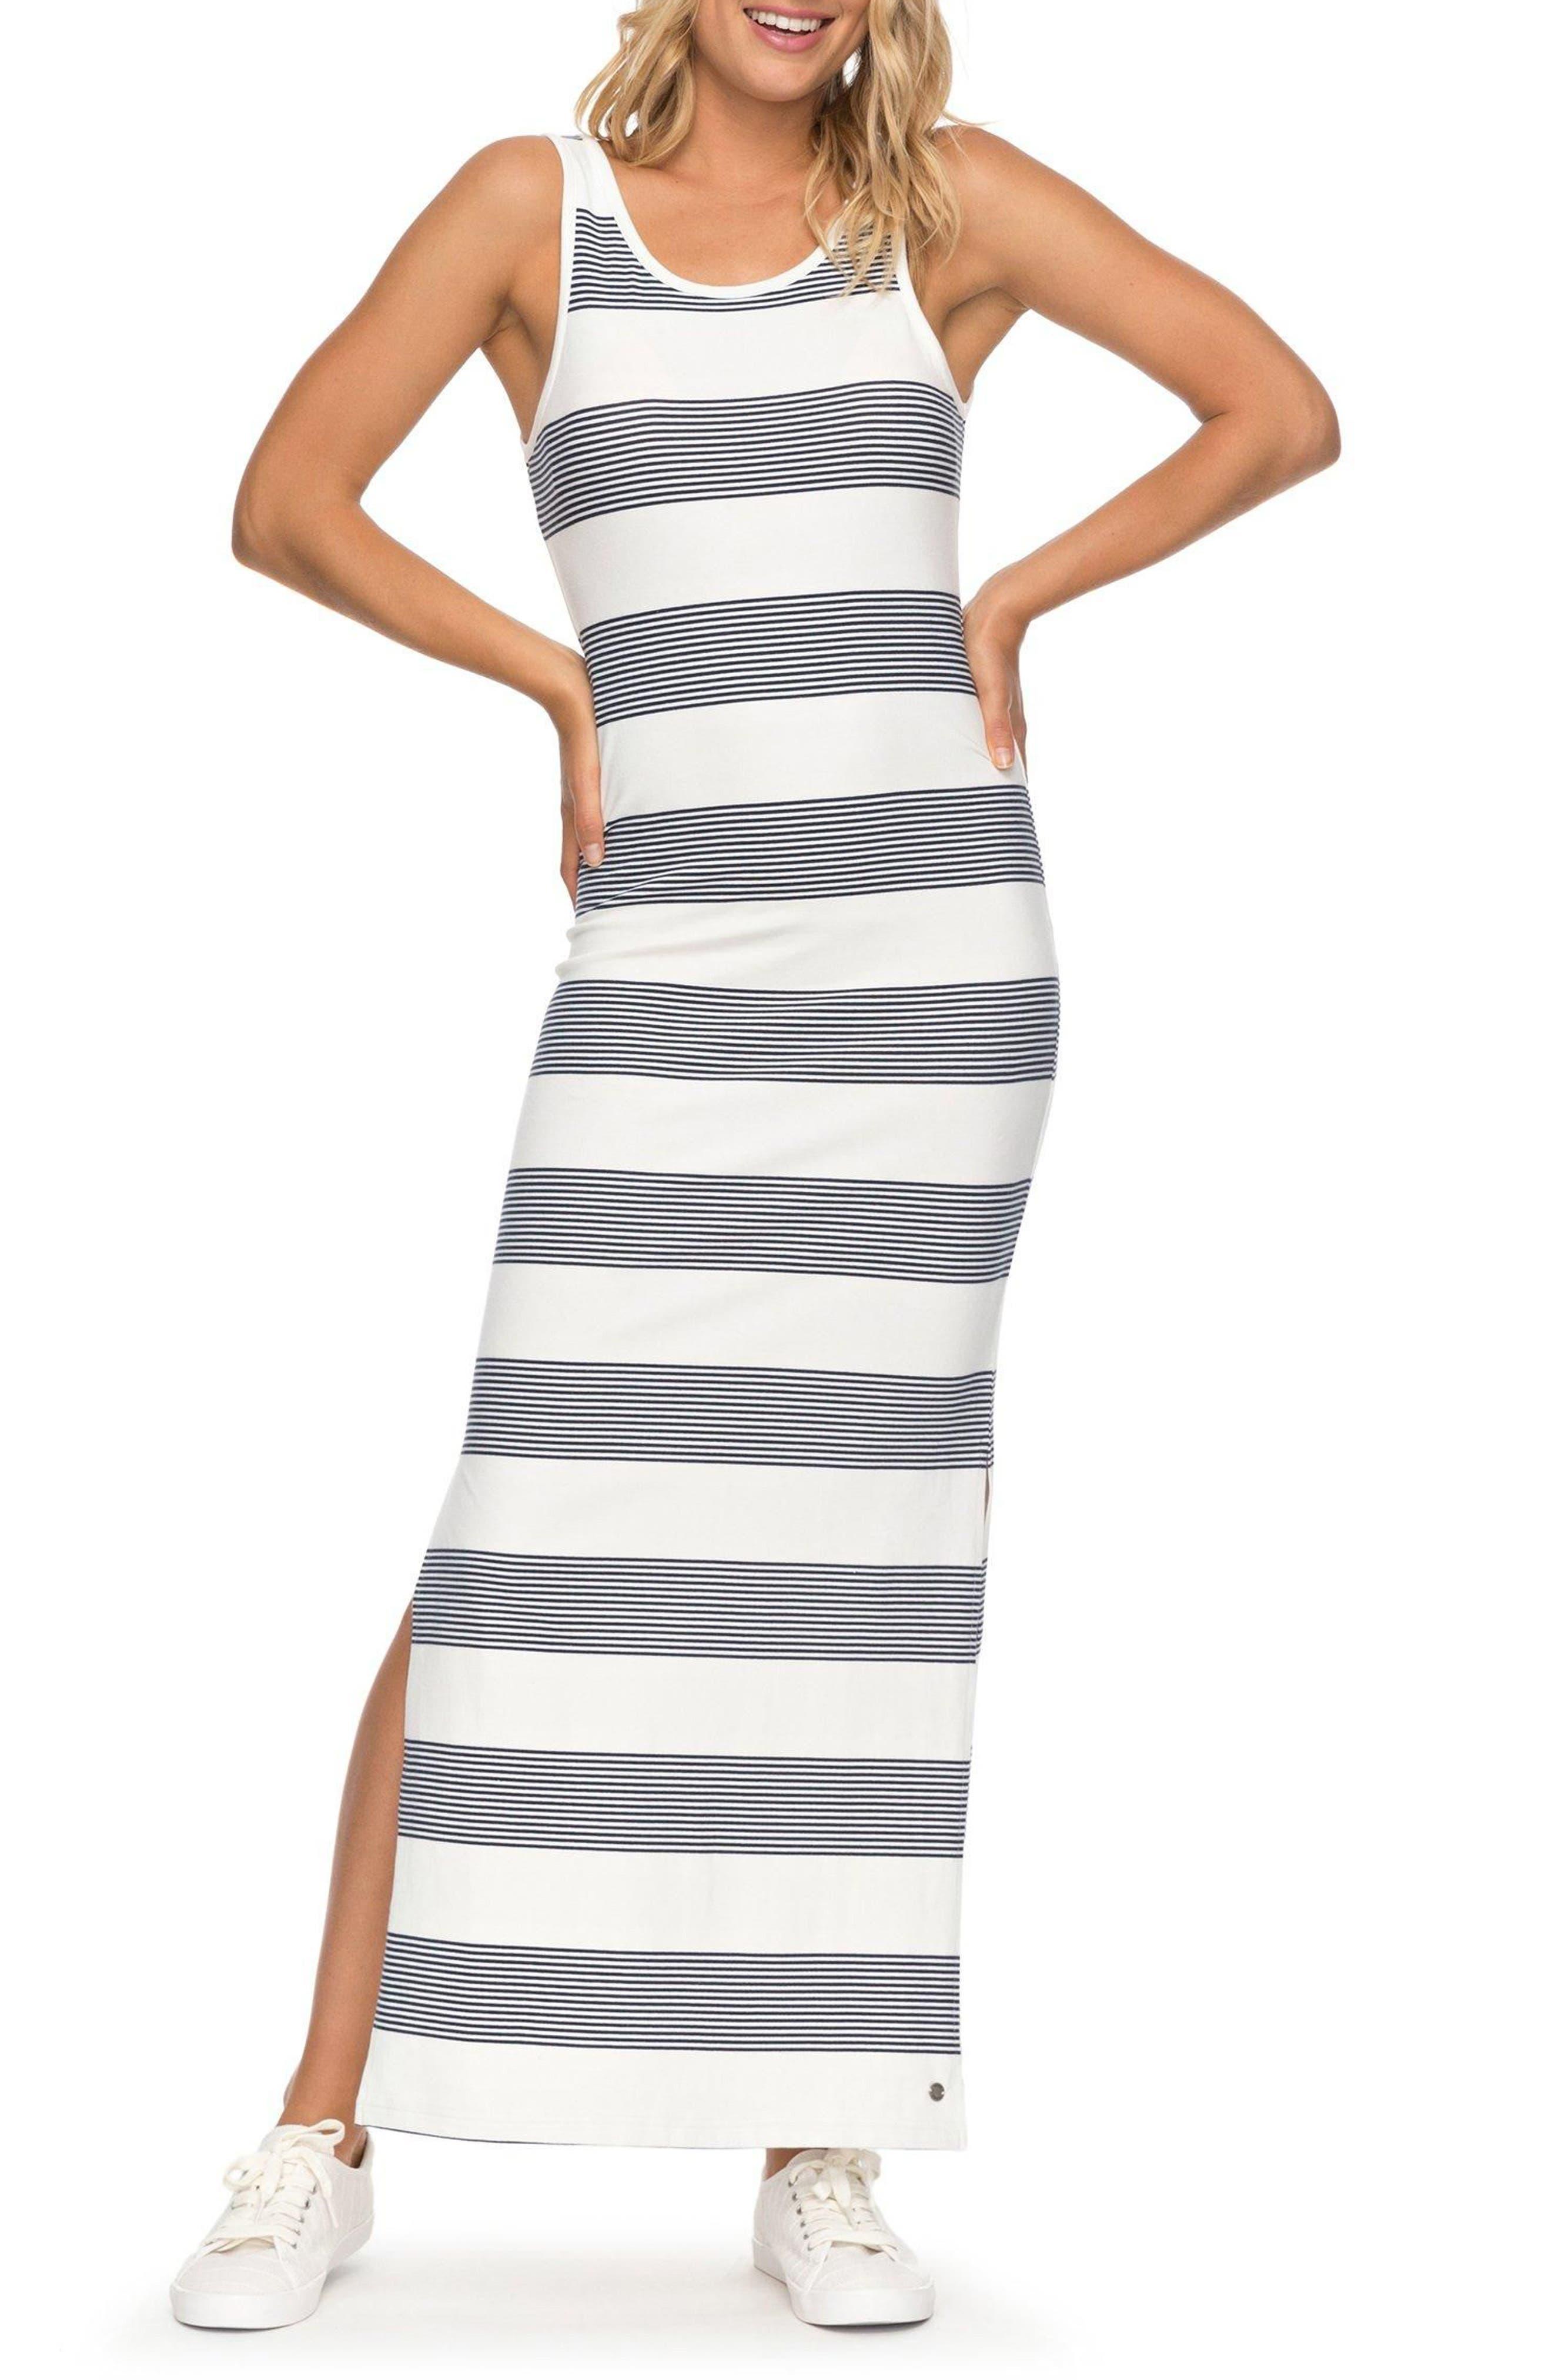 Tuba Stripe Tank Dress,                             Main thumbnail 1, color,                             Marshmallow Dress Blue Docker